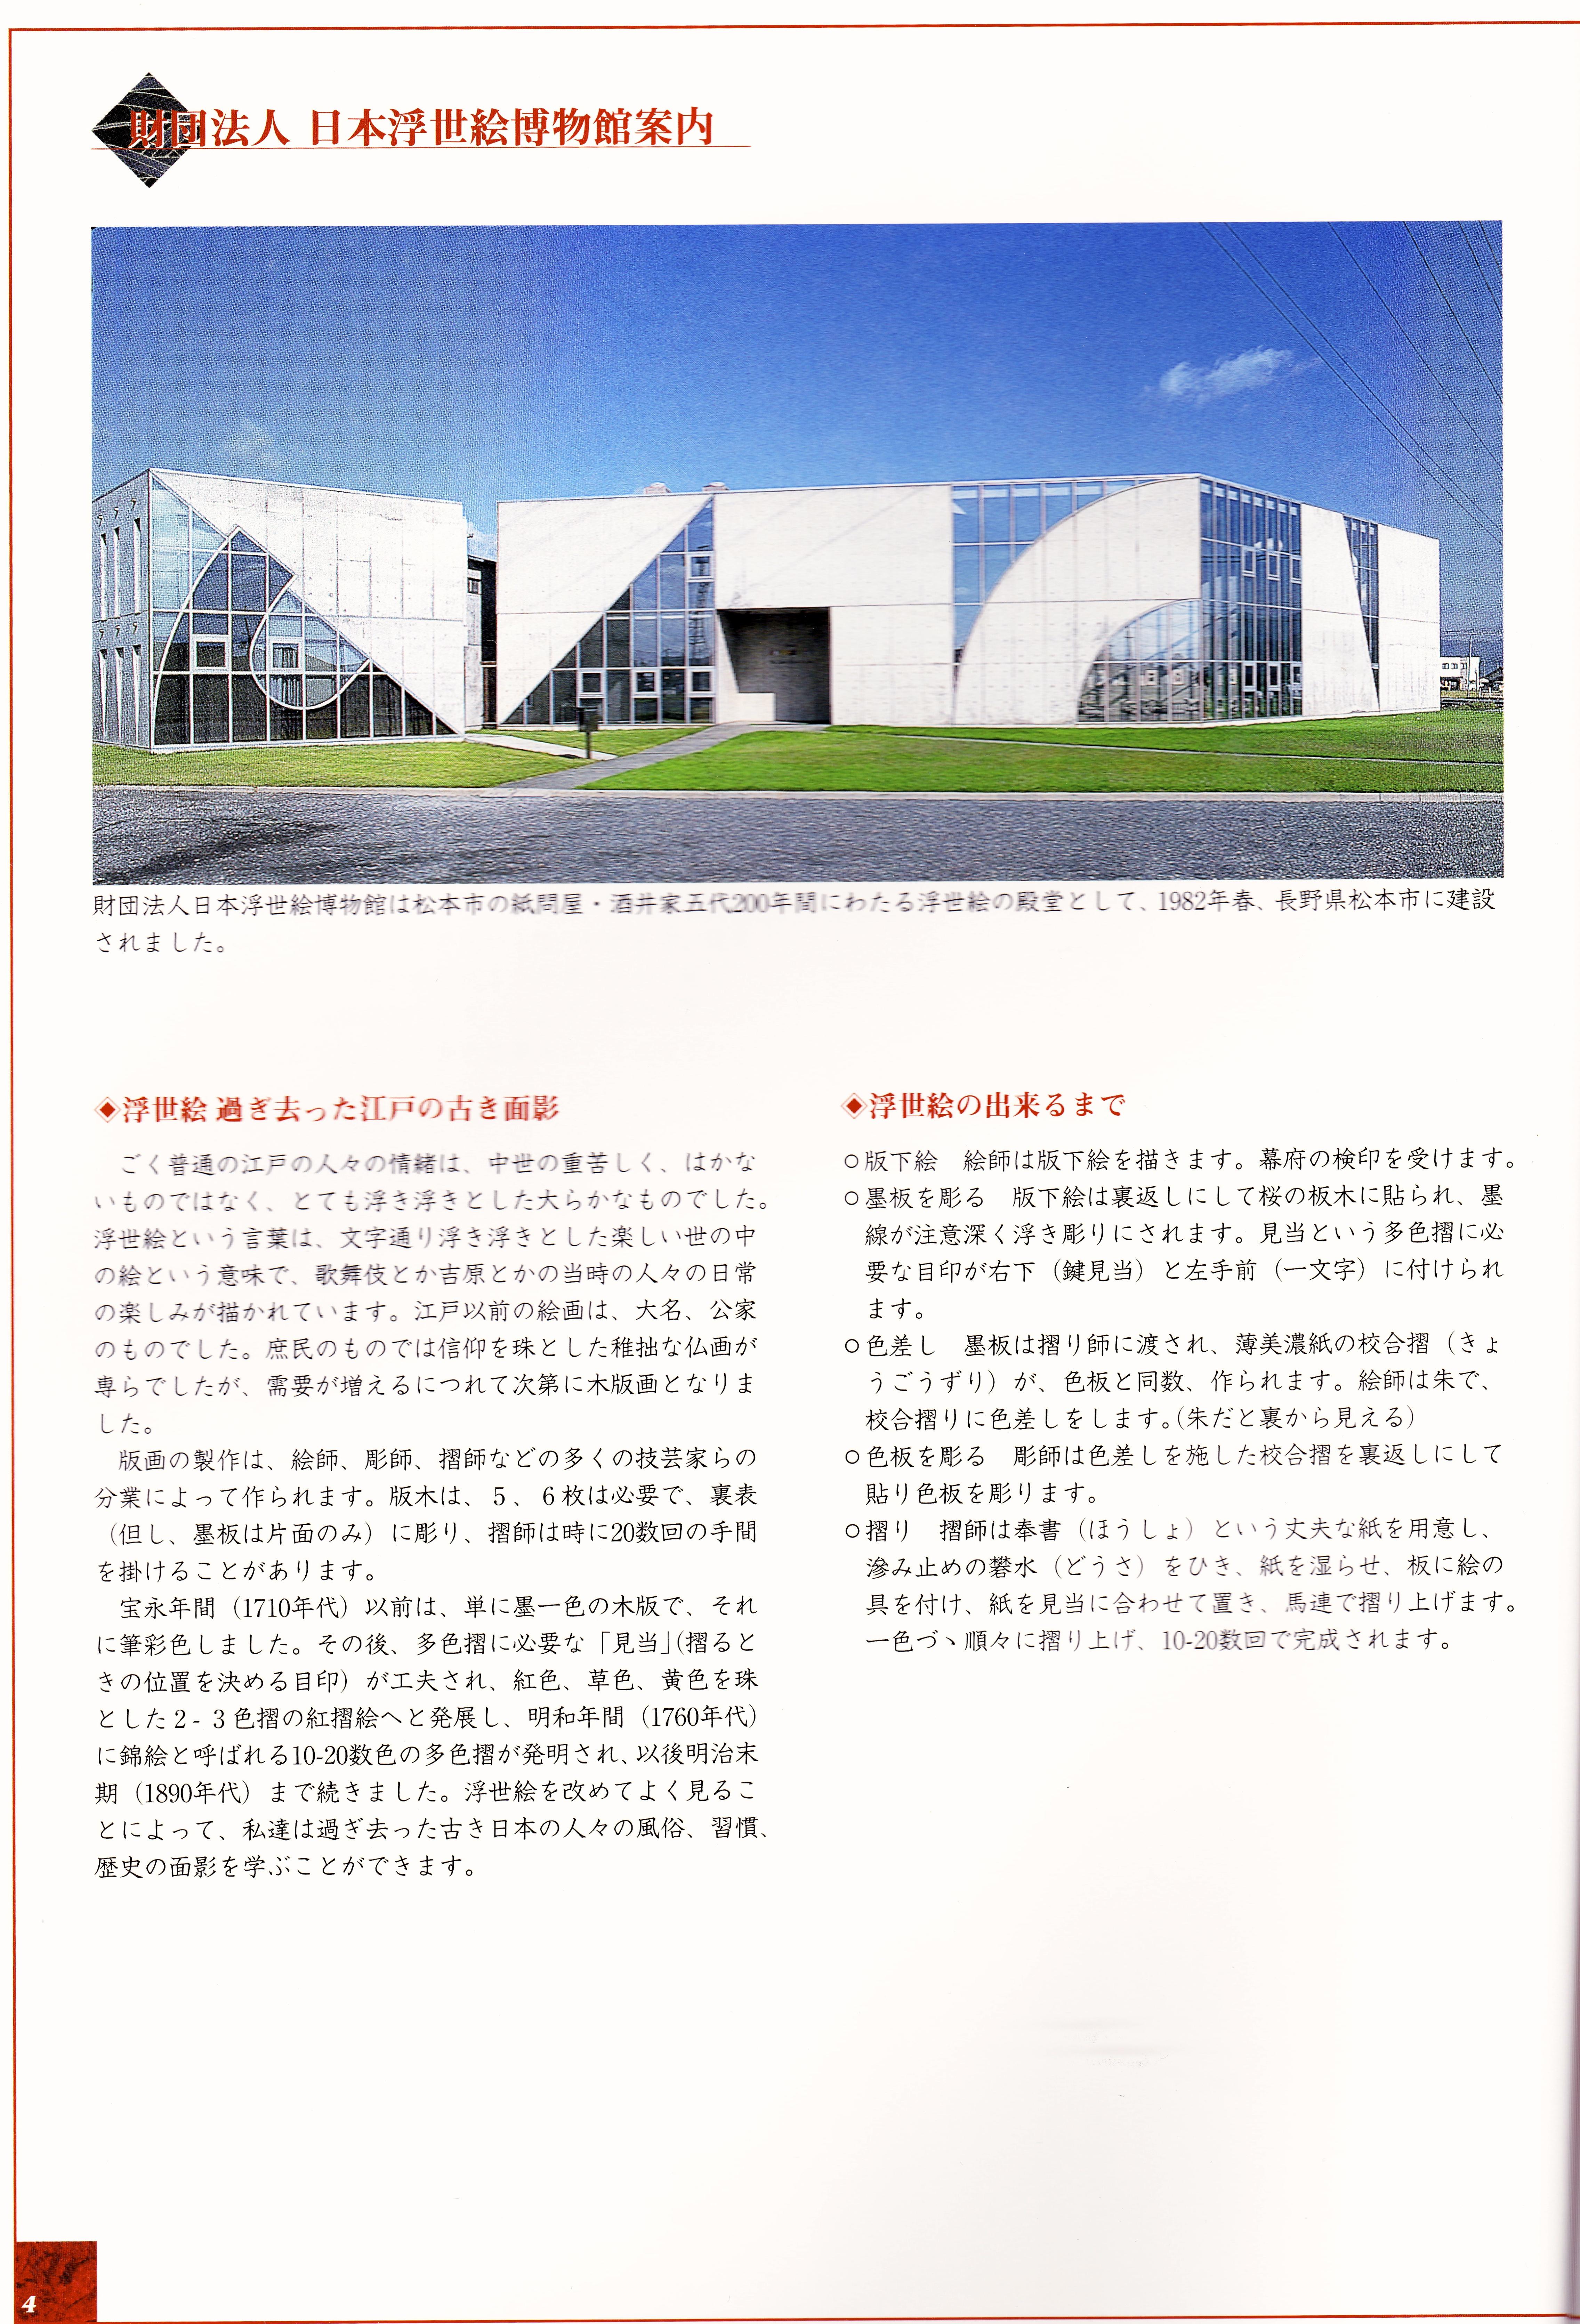 ////浮世絵学_guide4-exhib_御案内_JUM Ukiyo-e World Exhibitions  酒井雁高(浮世絵・酒井好古堂主人)  http://www.ukiyo-e.co.jp/16270